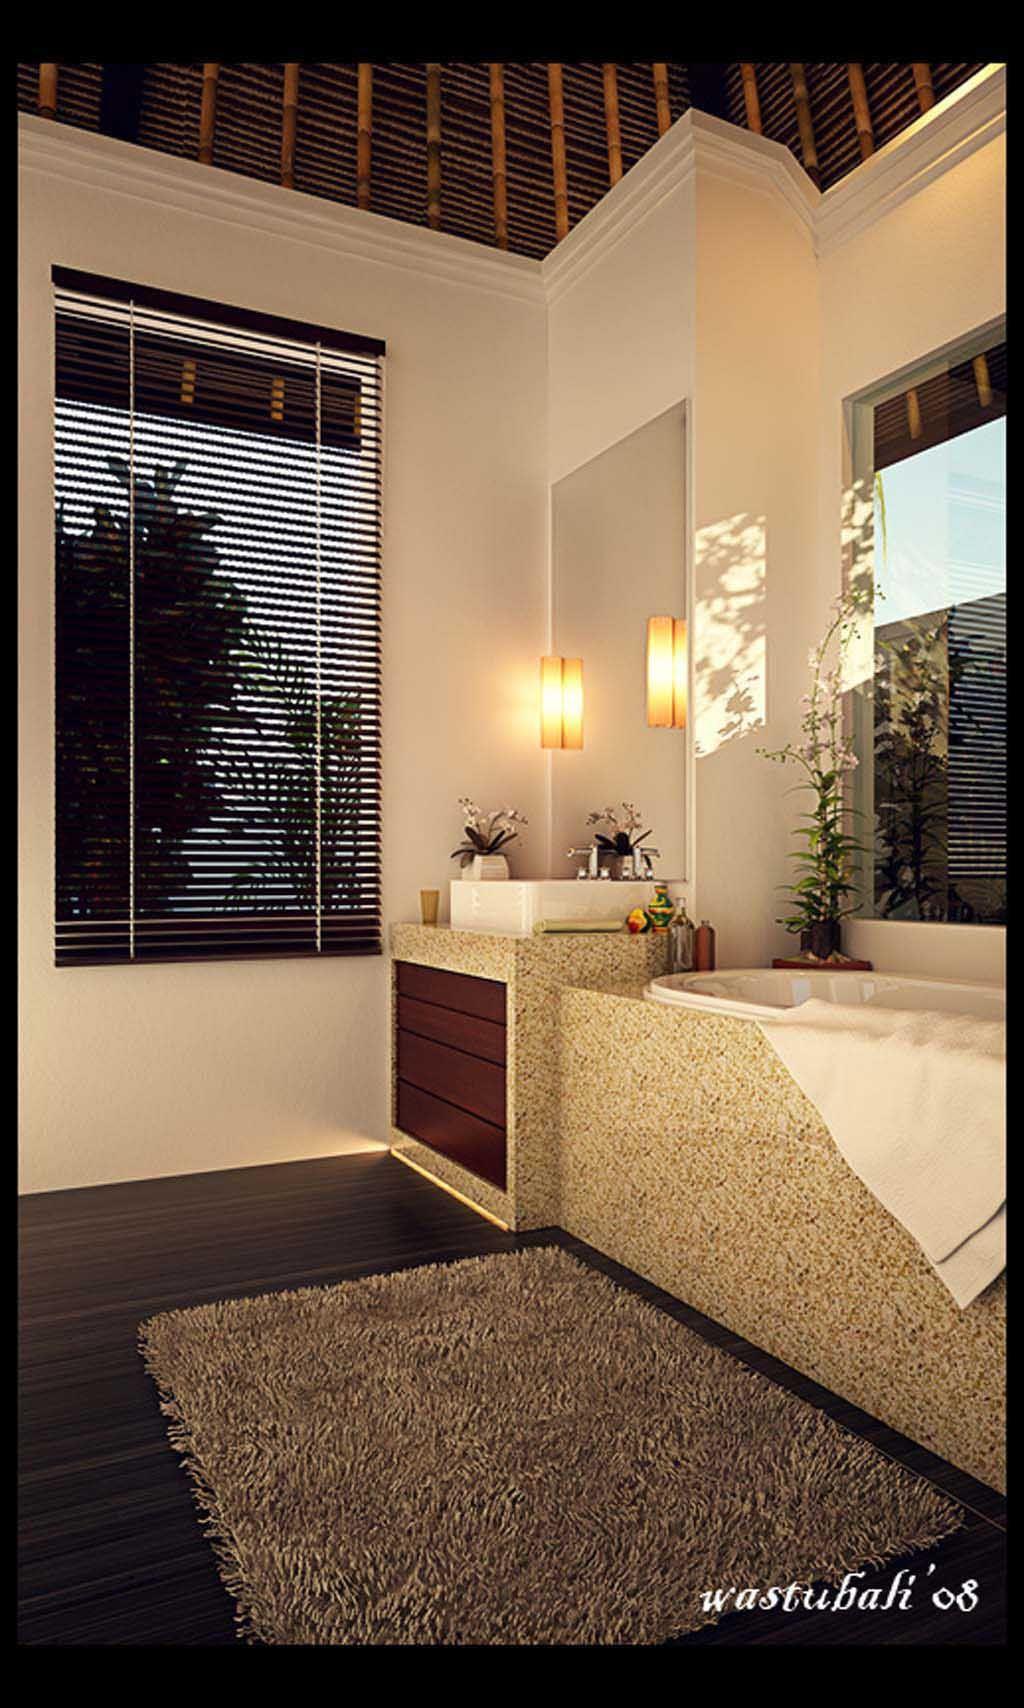 Apartment Bathroom Decorating Ideas Dark Wood Floors